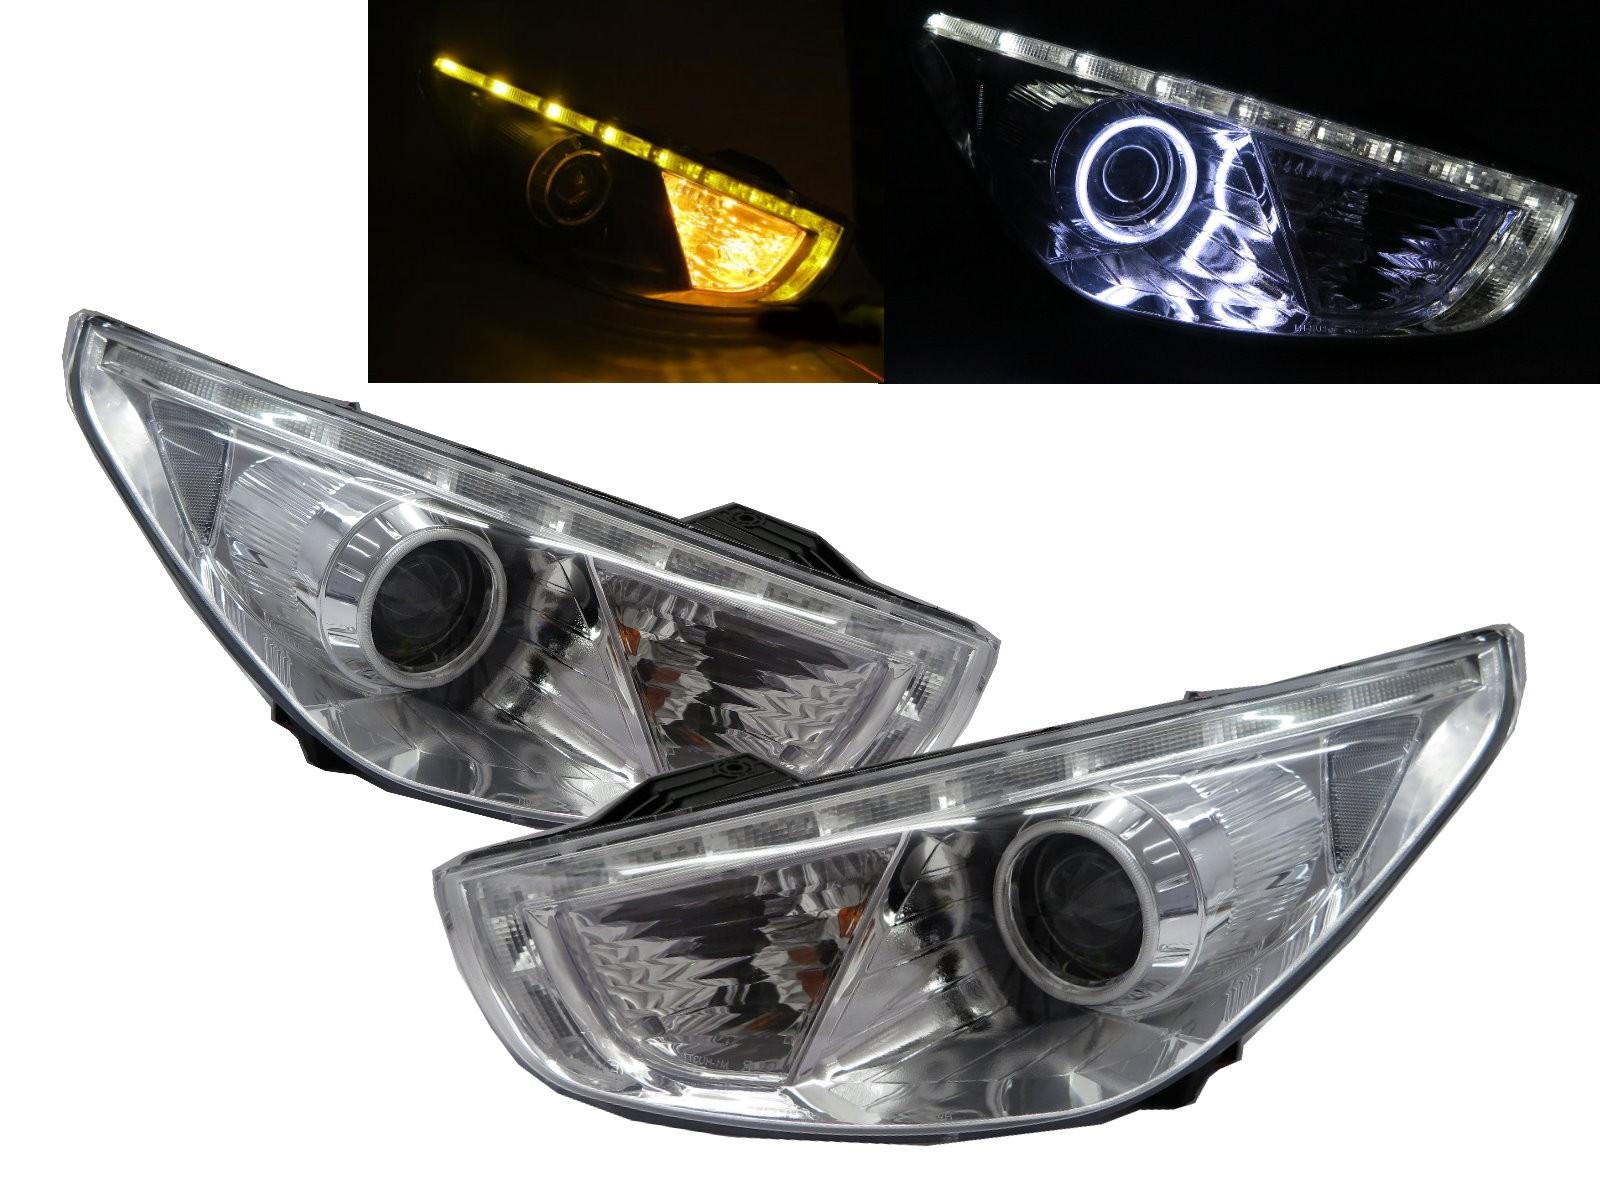 CrazyTheGod IX35 LM First generation 2009-2017 SUV 5D CCFL Projector LED Bar Headlight Headlamp Chrome for HYUNDAI RHD